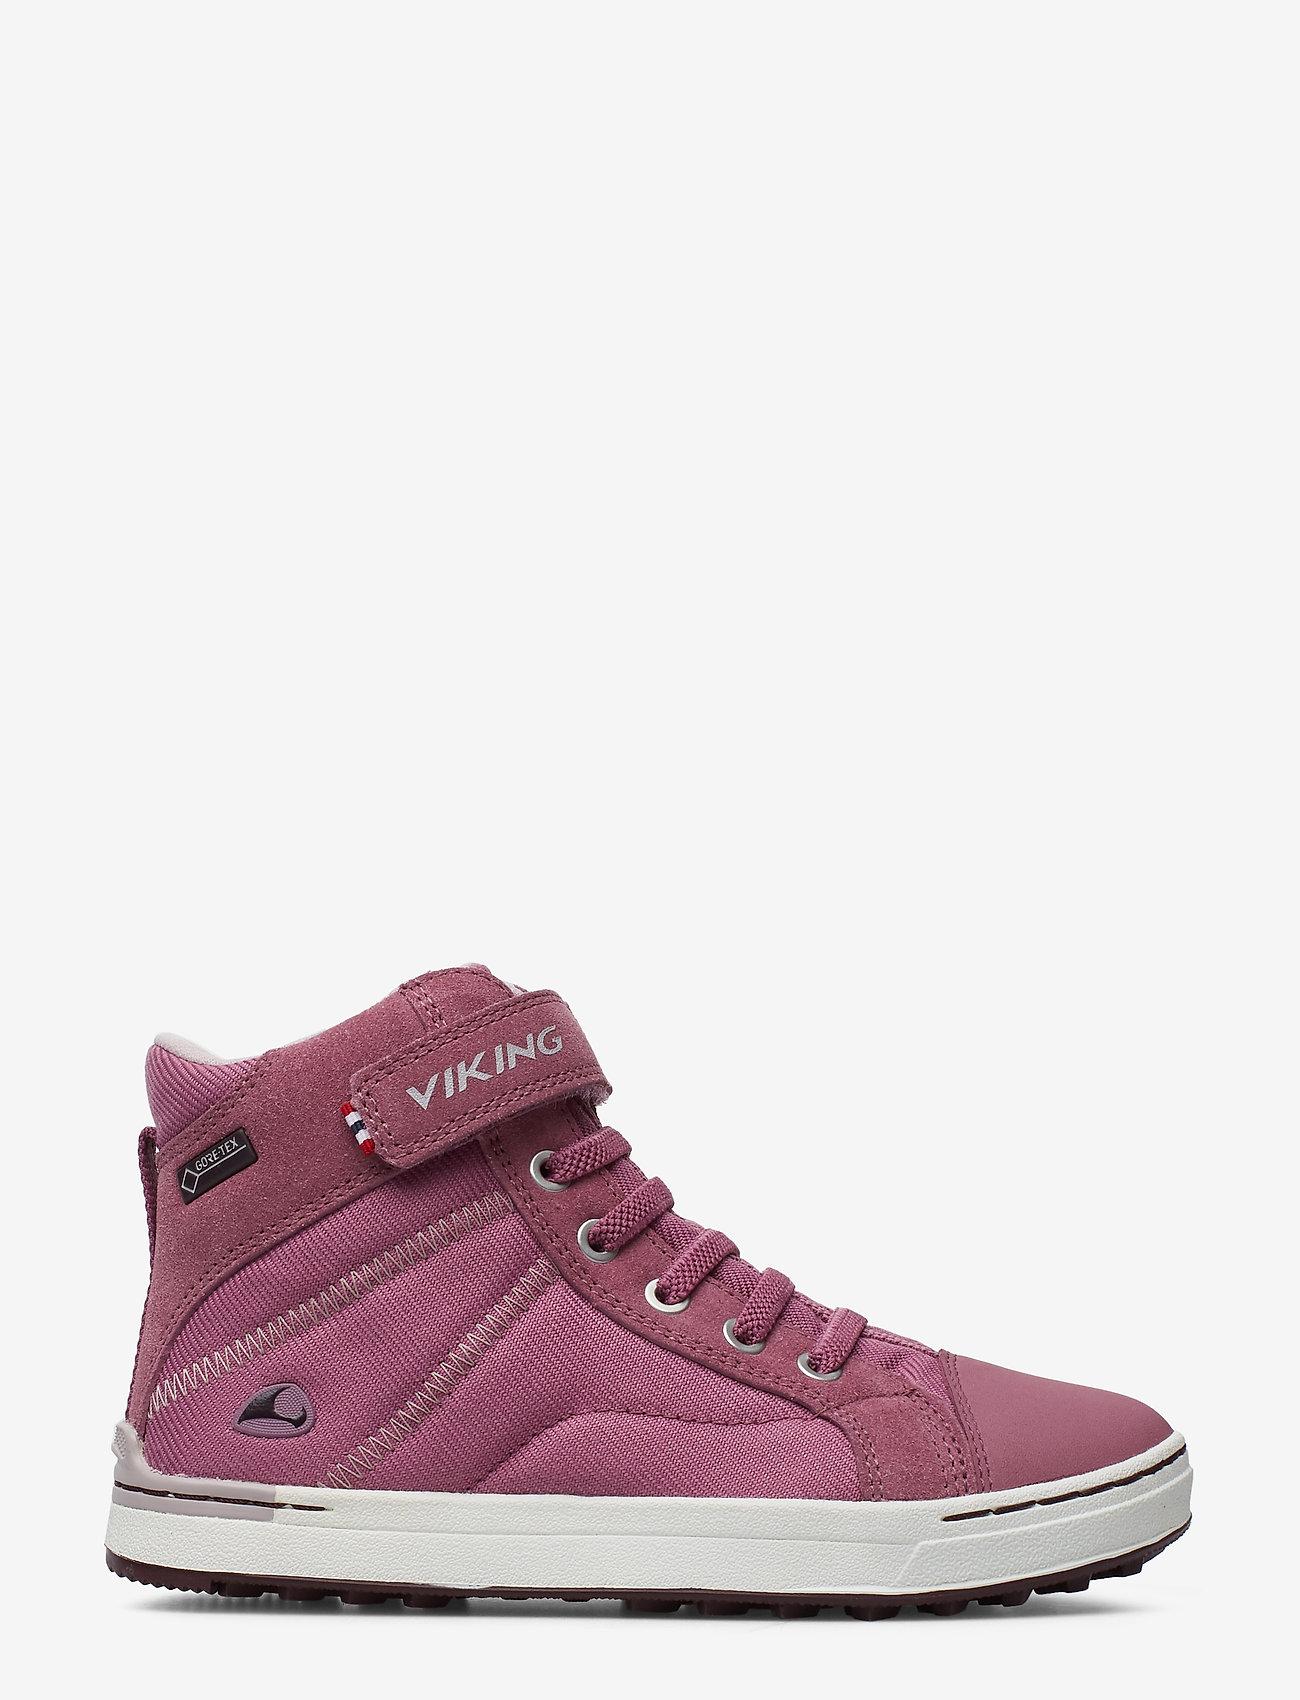 Viking Sagene Mid Gtx - Stövlar & Kängor Dark Pink/violet